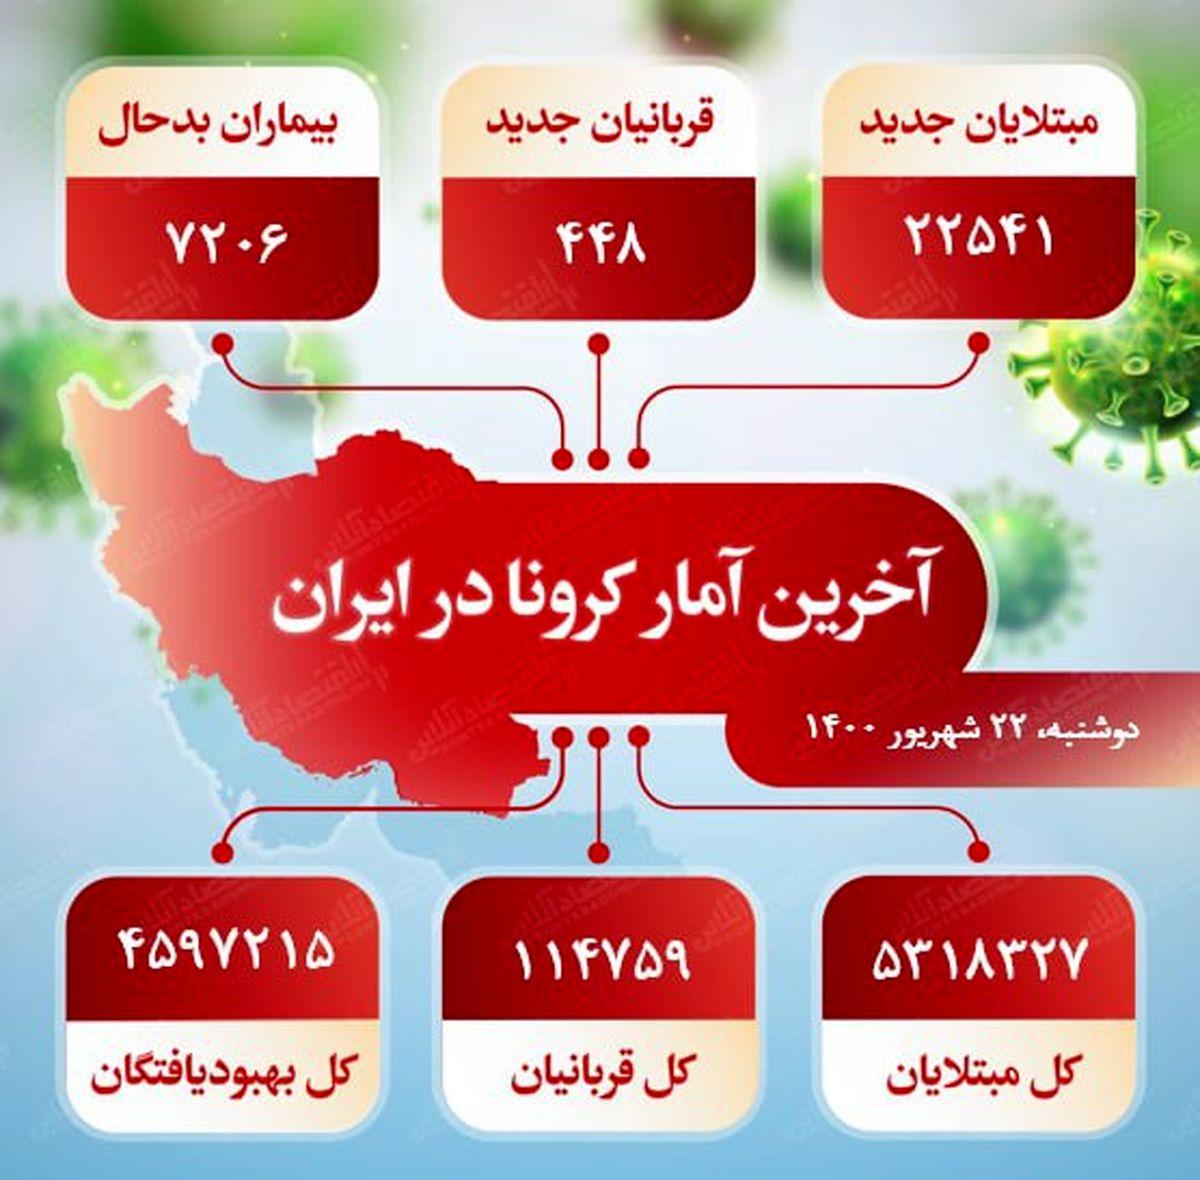 آخرین آمار کرونا در ایران (۱۴۰۰/۶/۲۲)